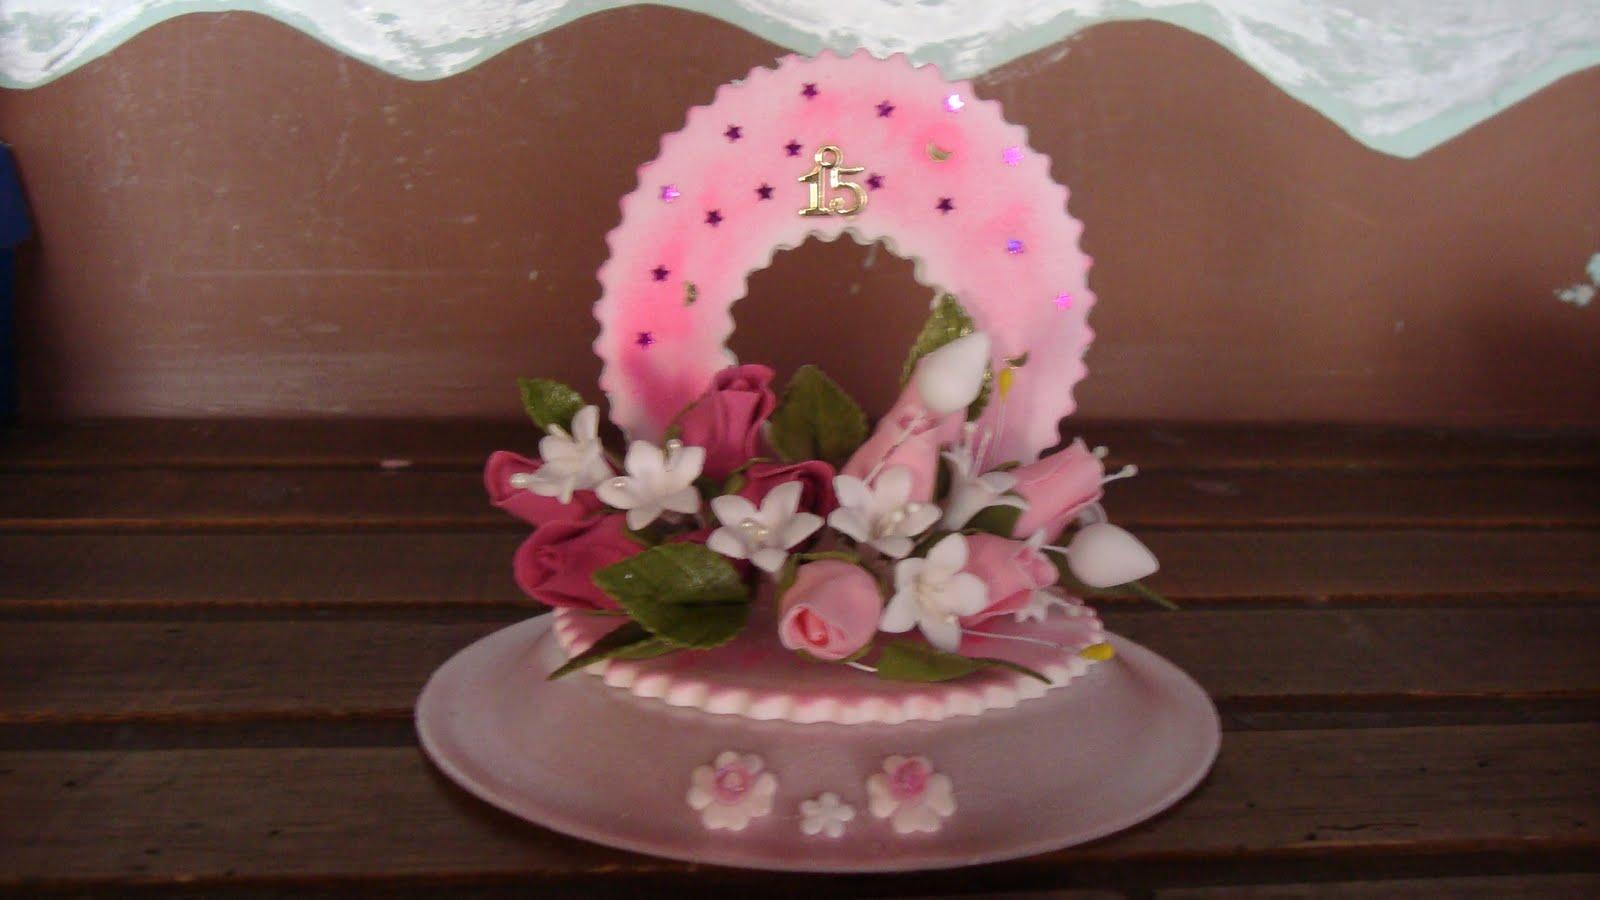 Pastillarte arte y decoraci n decoraciones quince a os - Arte y decoracion ...